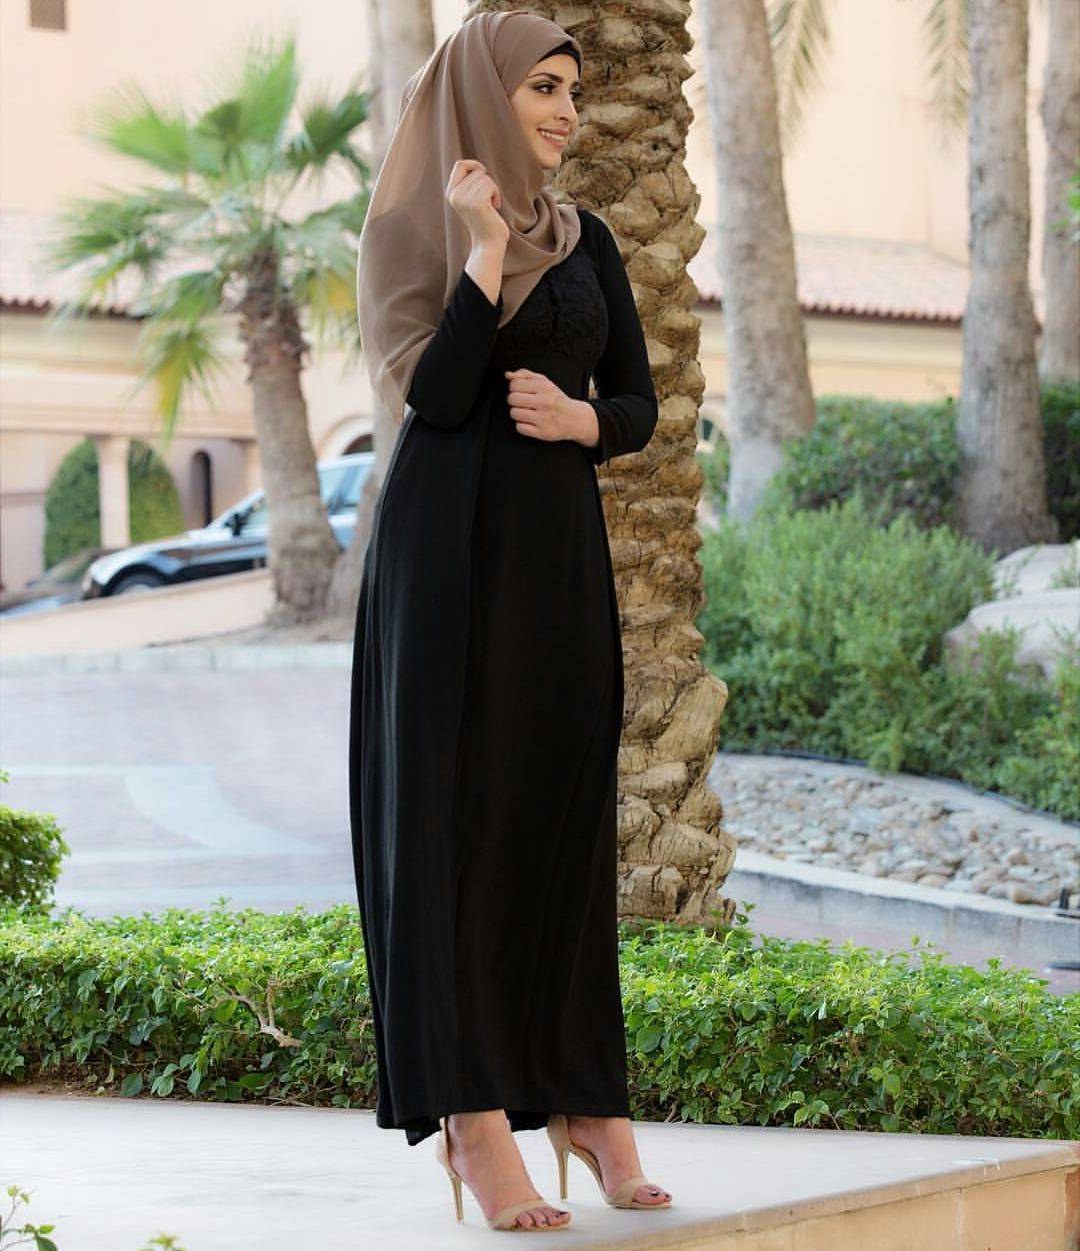 Bentuk Baju Lebaran Gamis 2018 3ldq 50 Model Baju Lebaran Terbaru 2018 Modern & Elegan